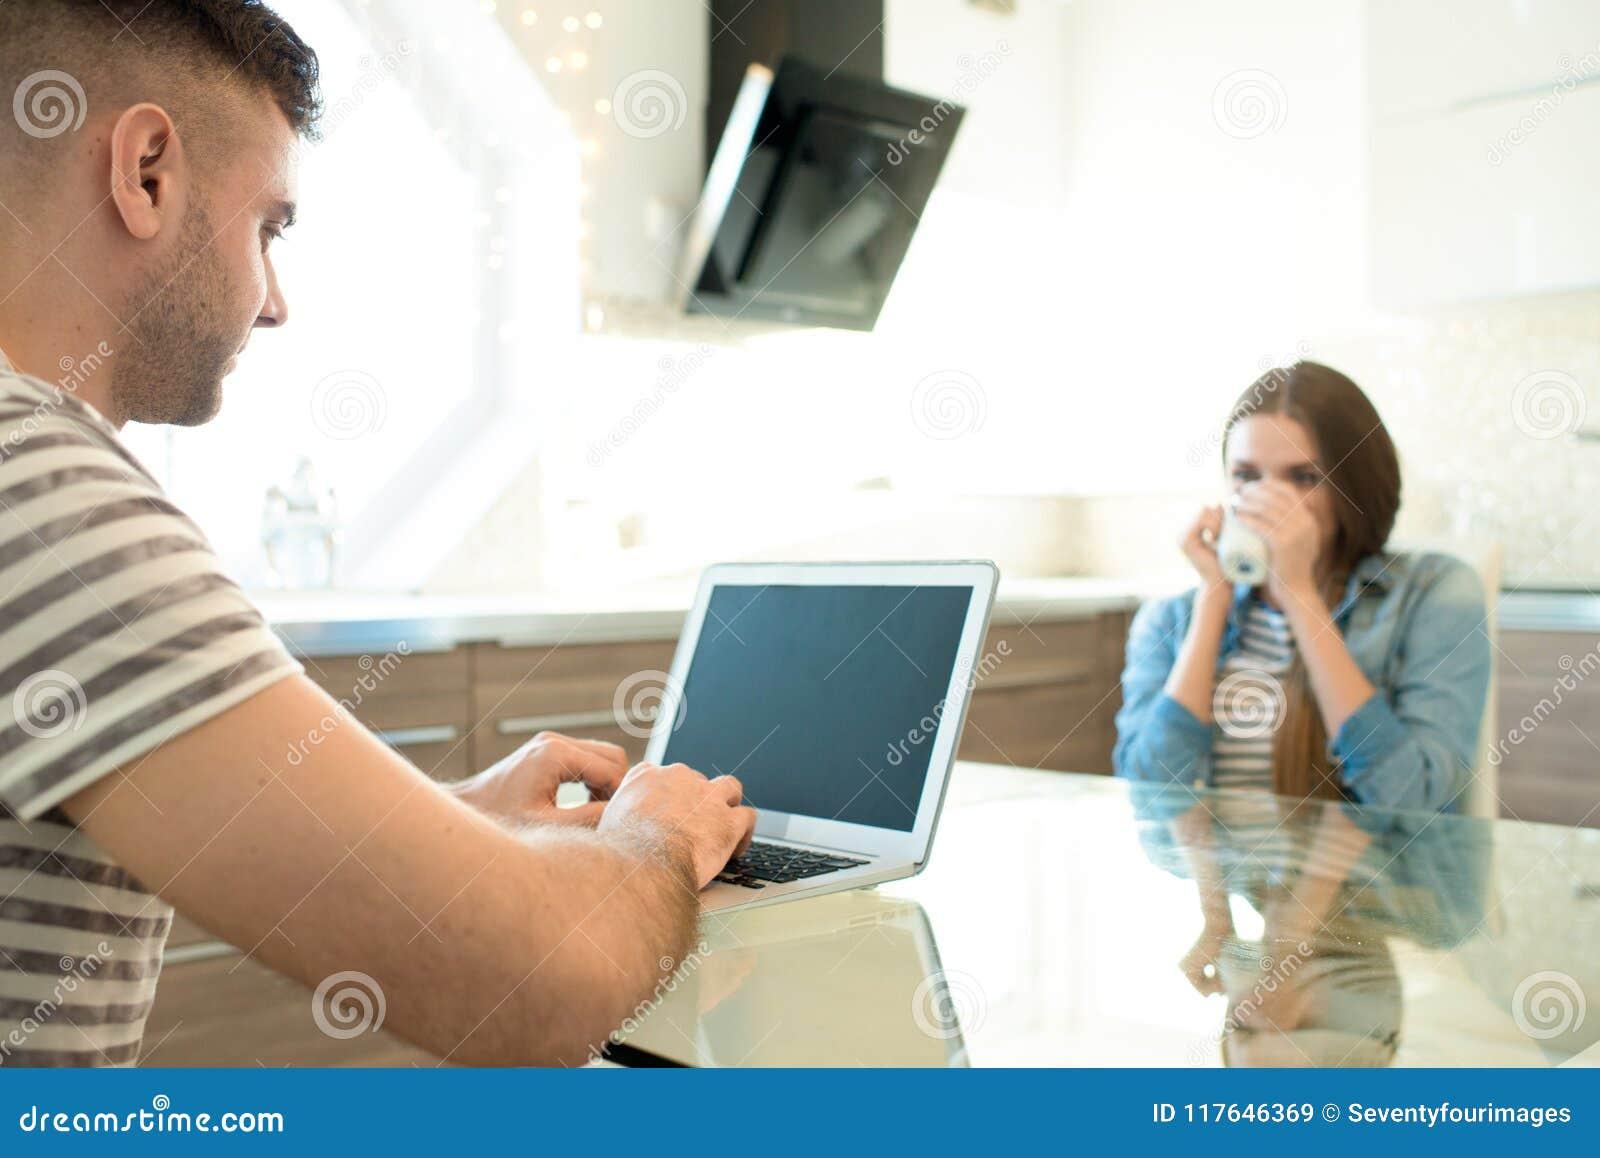 Freiberuflich tätiger Ehemann, der mit Laptop arbeitet